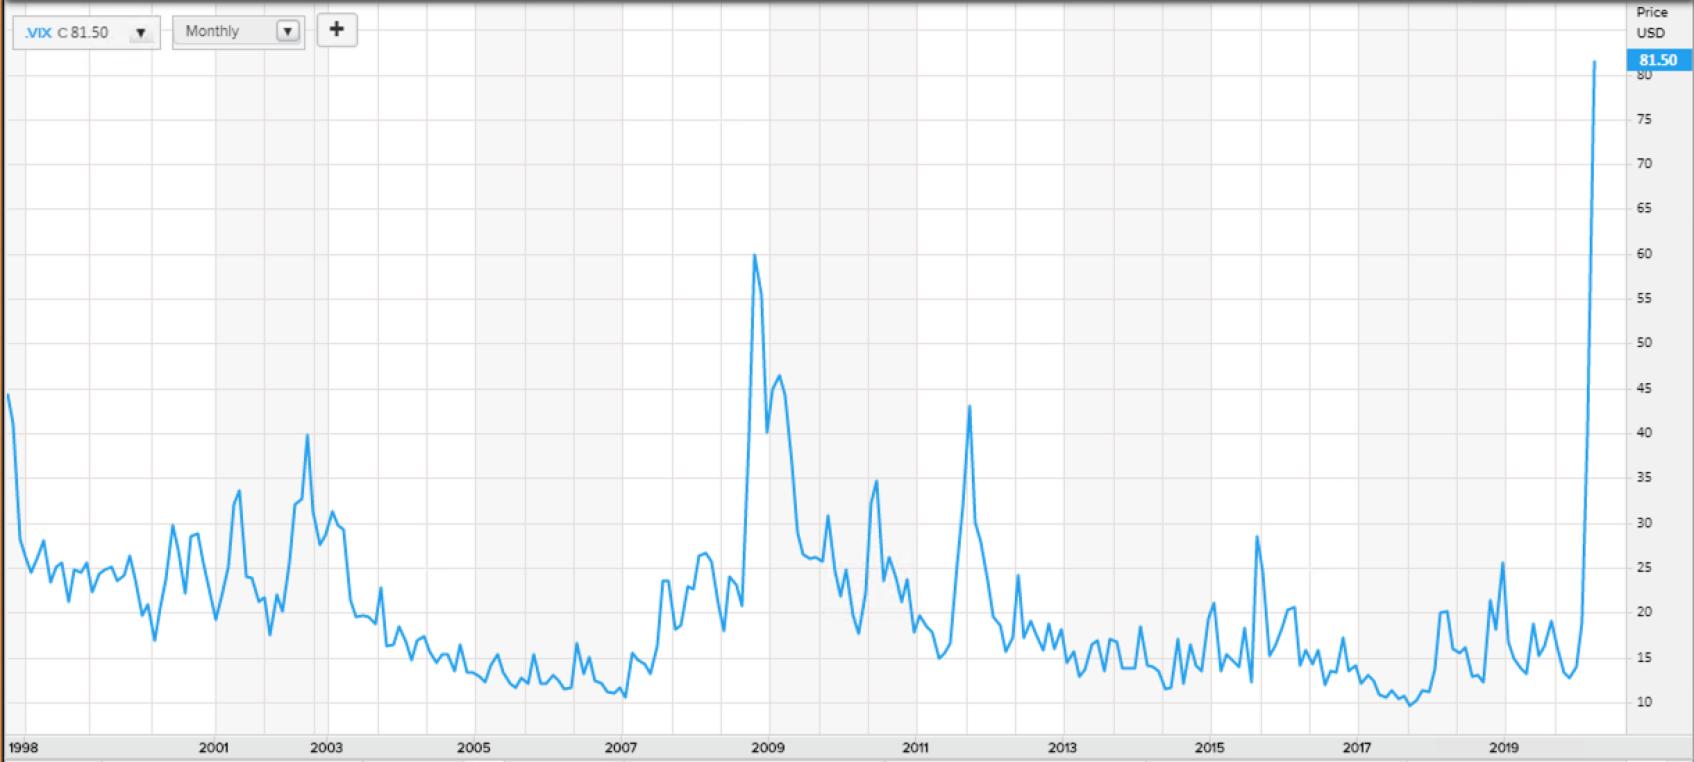 Sturm_Volatilität Aktien Europa 1999-2020_02